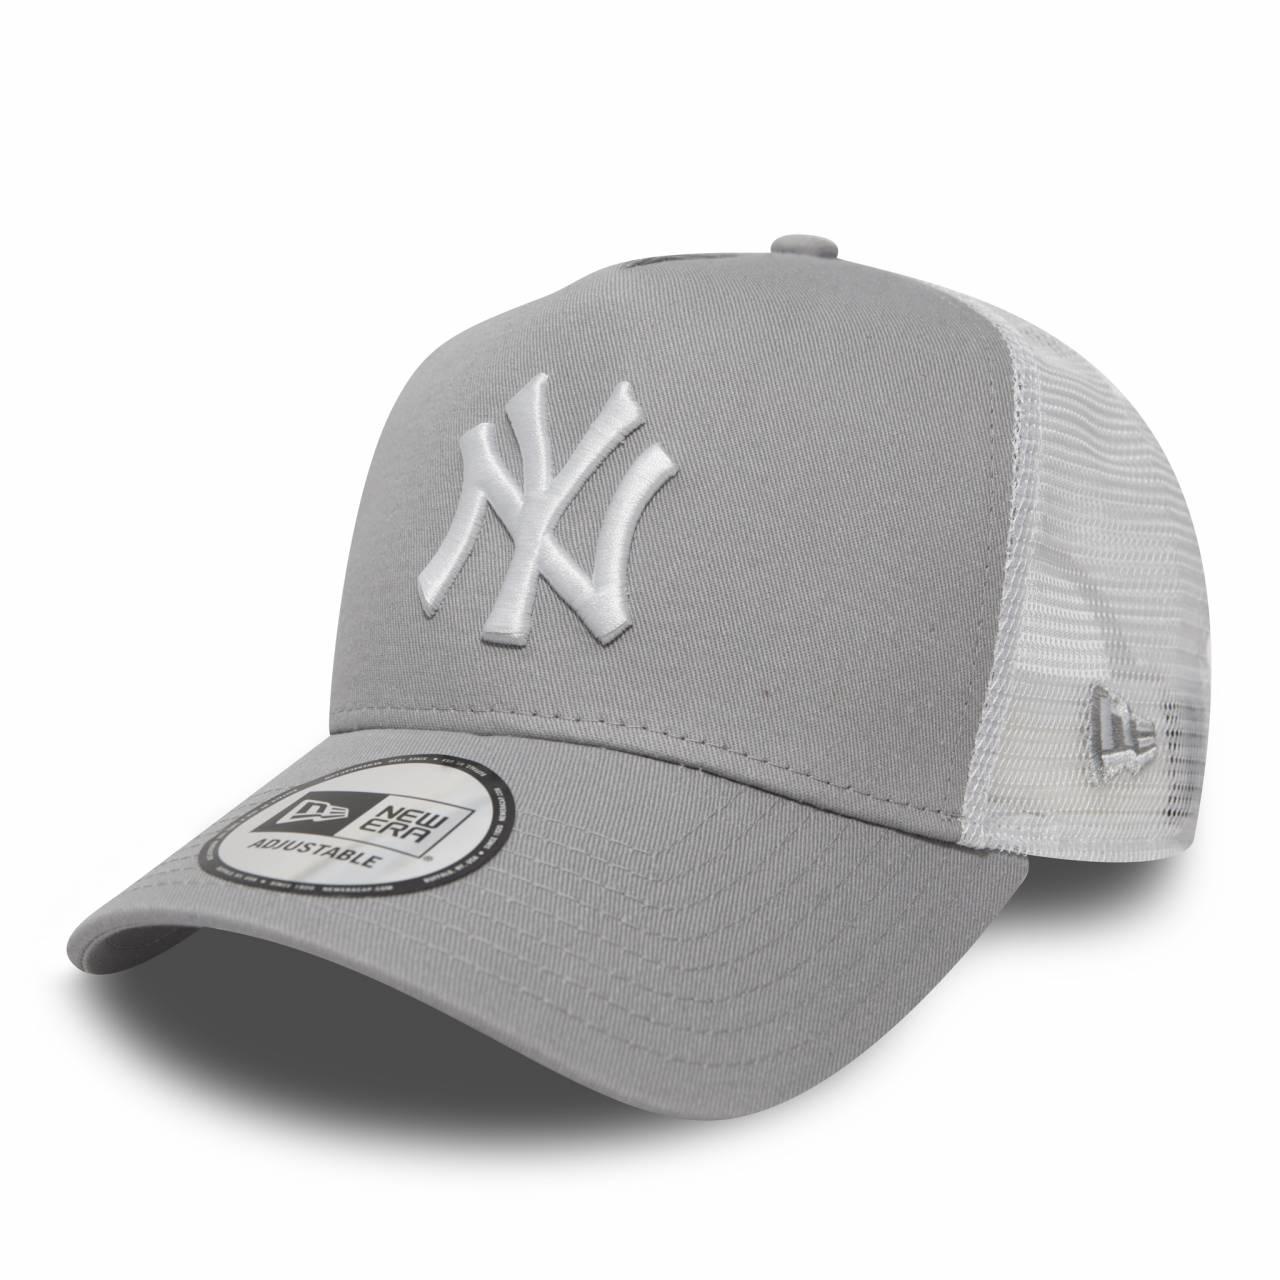 11588490 MLB TRUCKER NEW YORK YANKEES GREY/WHITE CAP